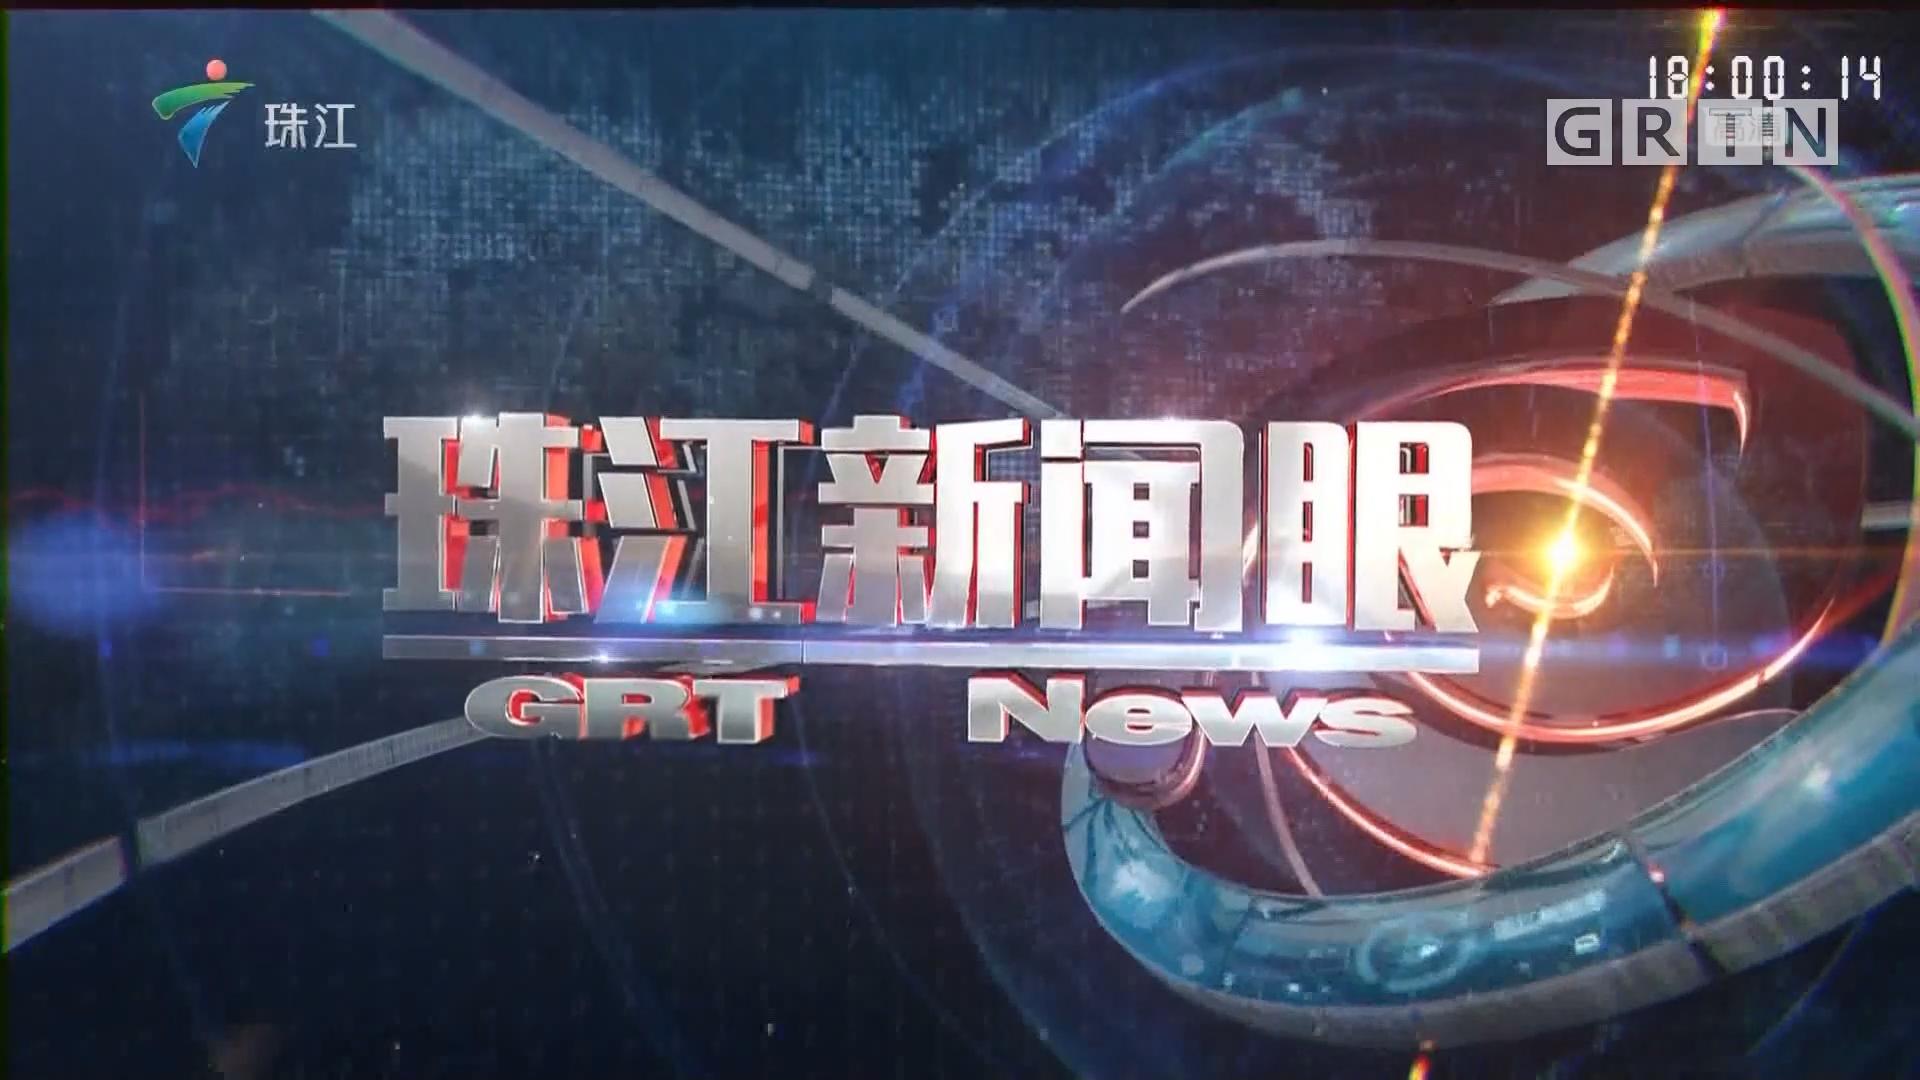 [HD][2019-12-12]珠江新闻眼:春运火车票开售 铁路建议提前订好返程票